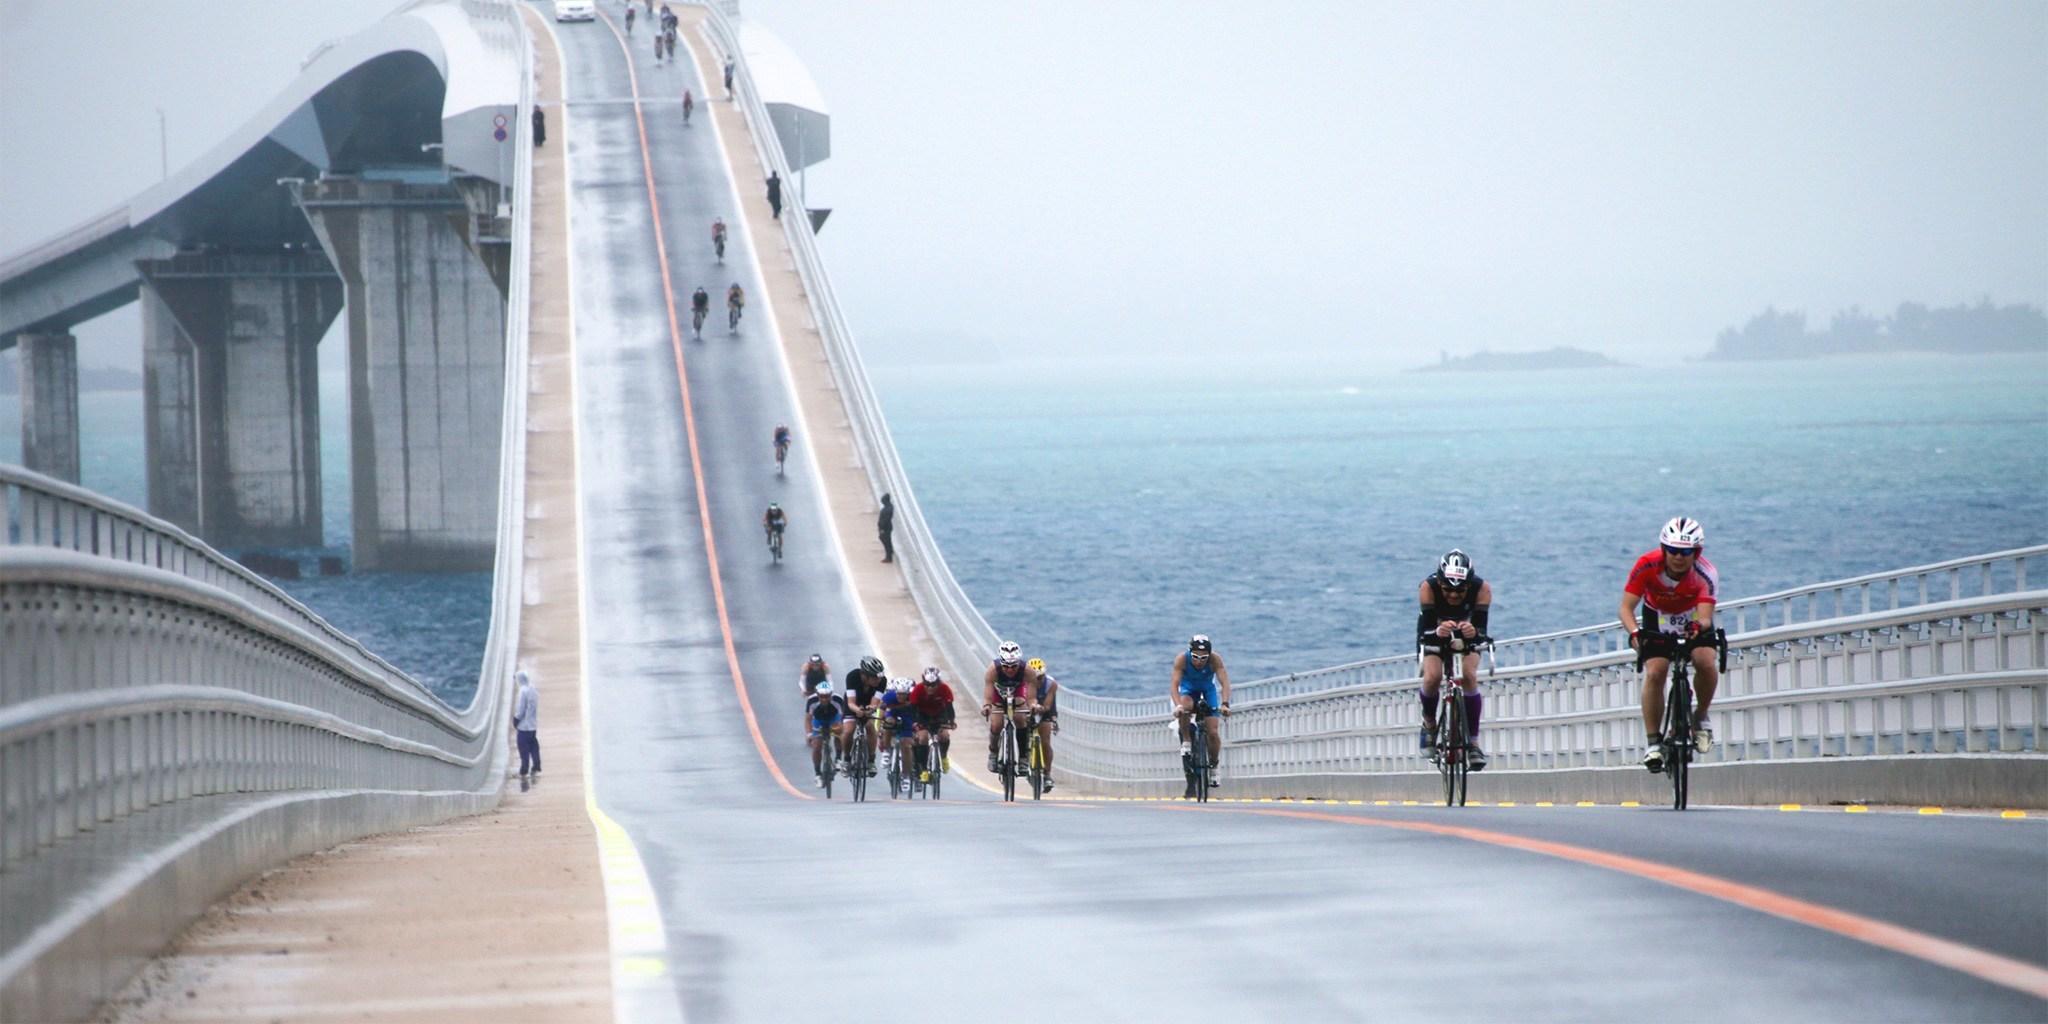 レースで最も過酷な伊良部大橋